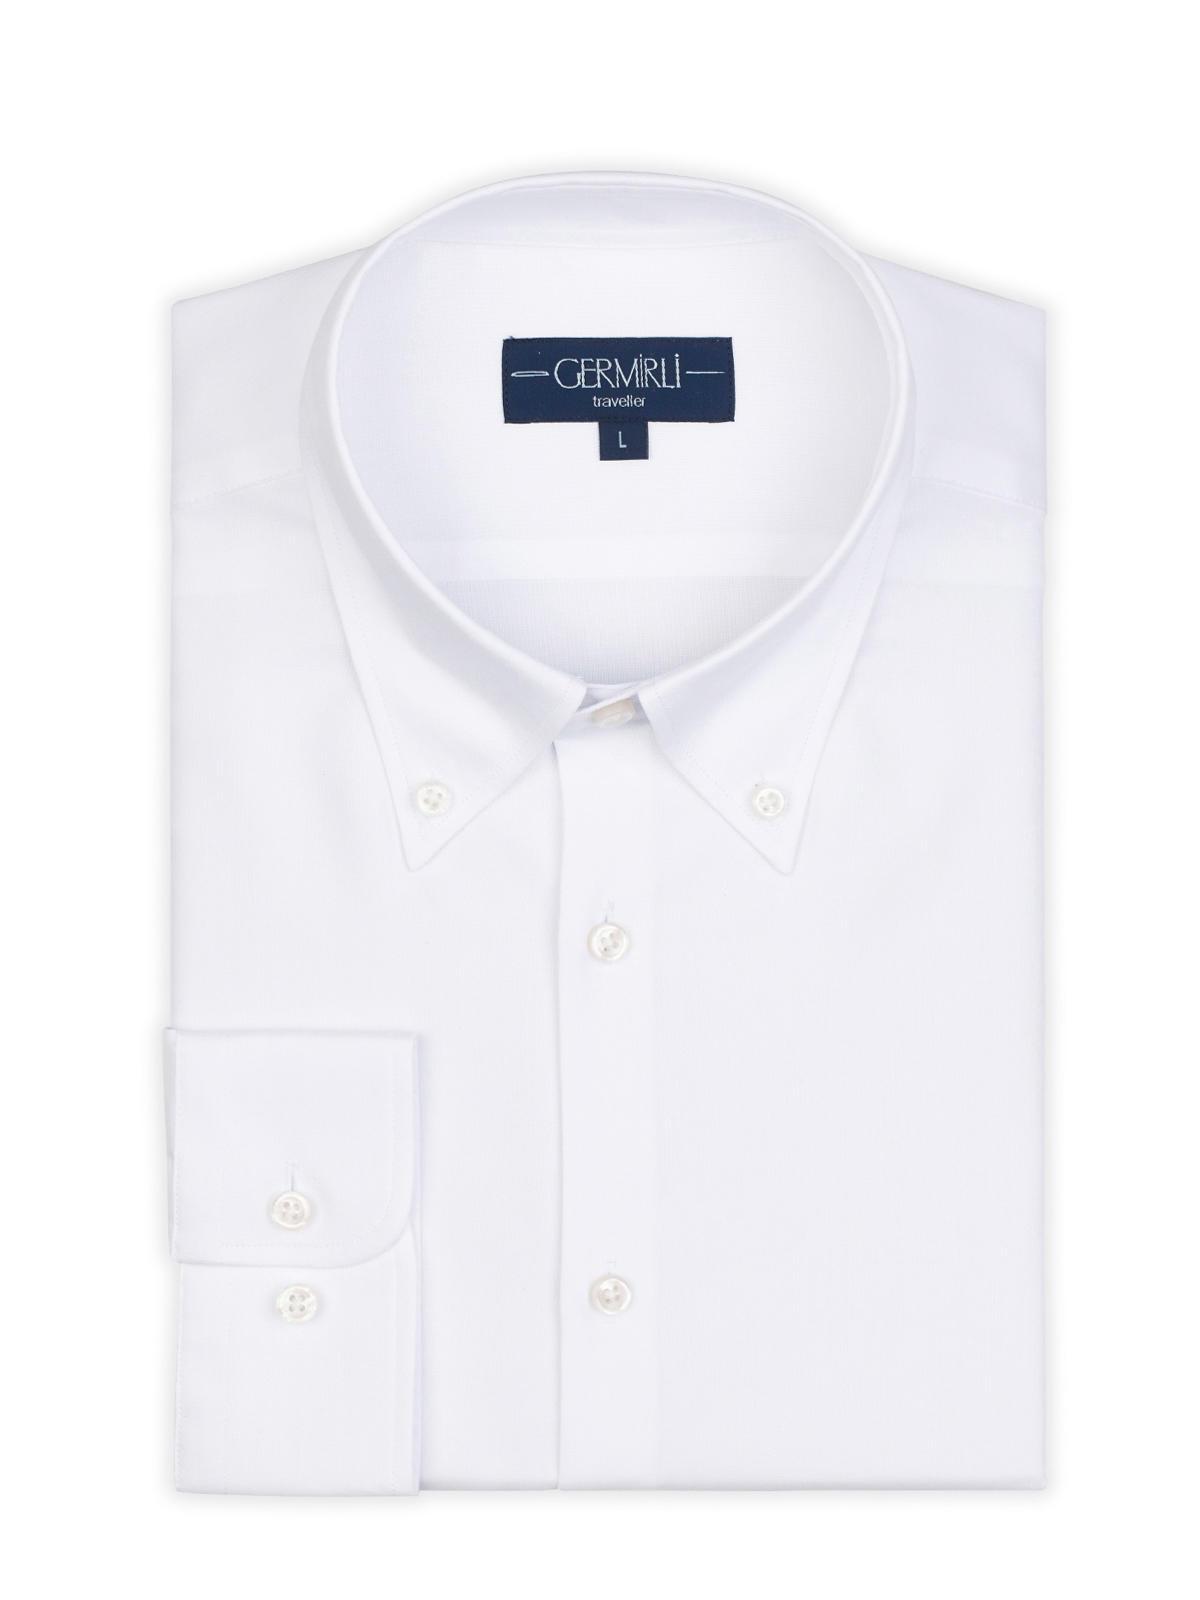 Germirli Non Iron Beyaz Panama Düğmeli Yaka Tailor Fit Zero 24 Gömlek